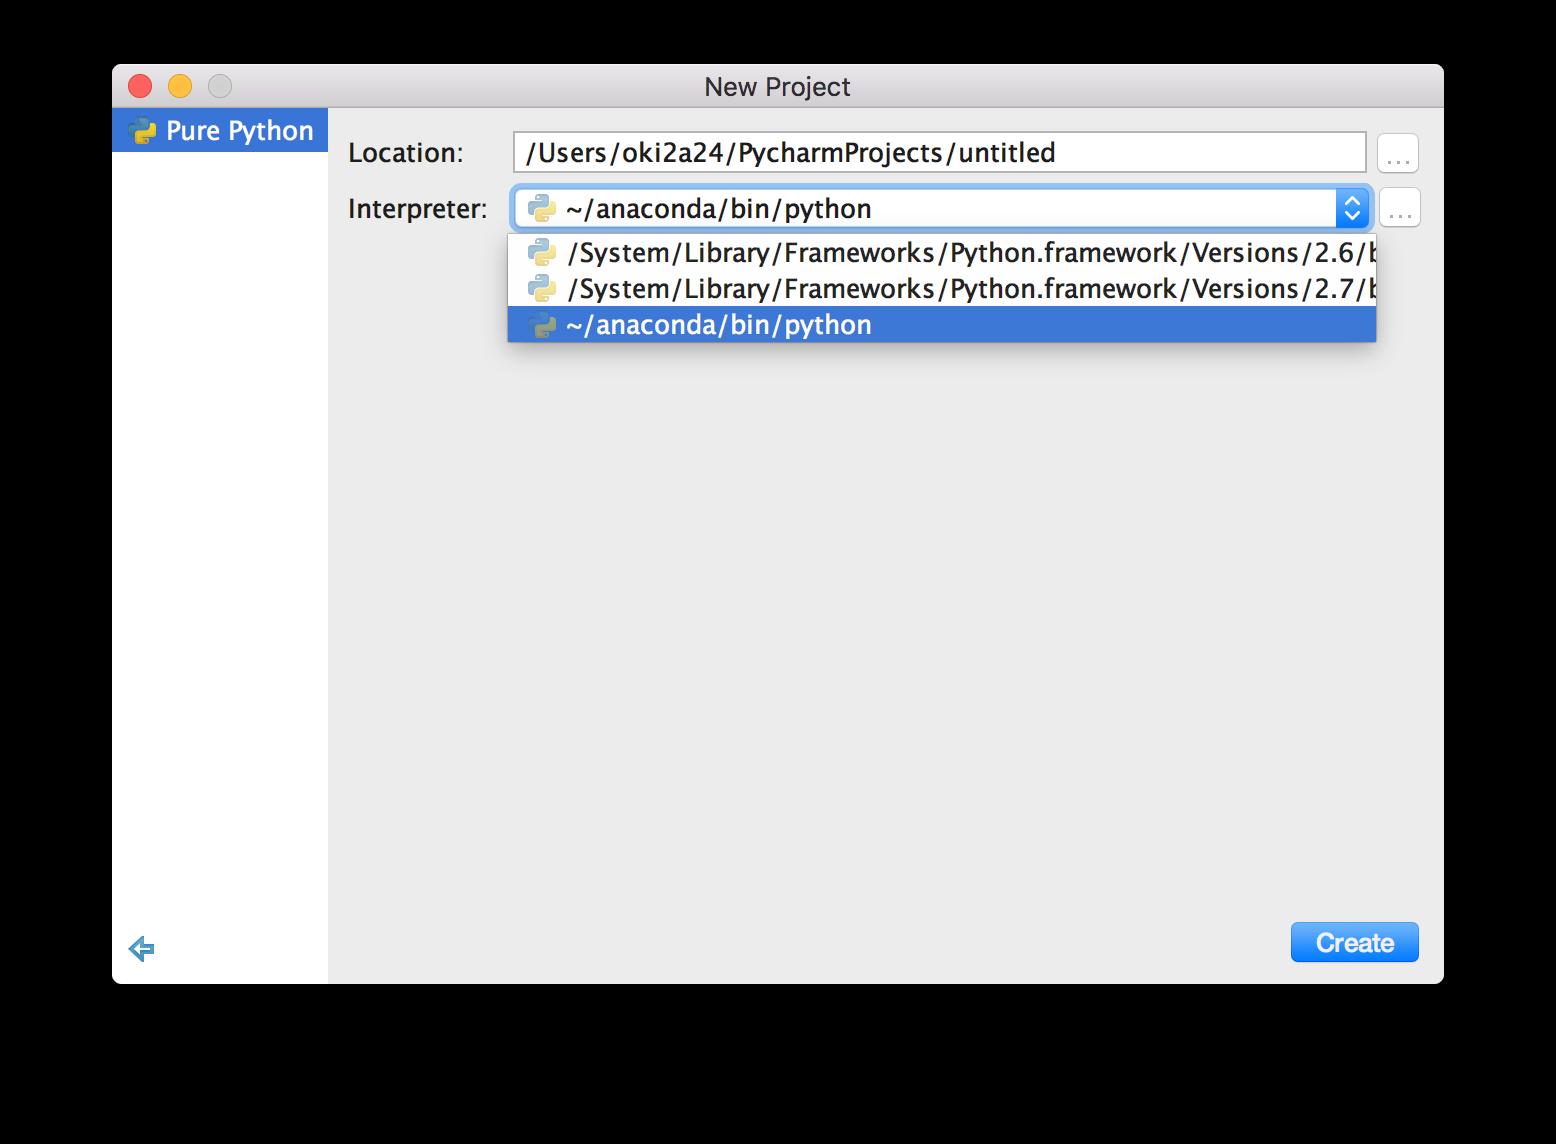 macbook pro désinstalle le module python